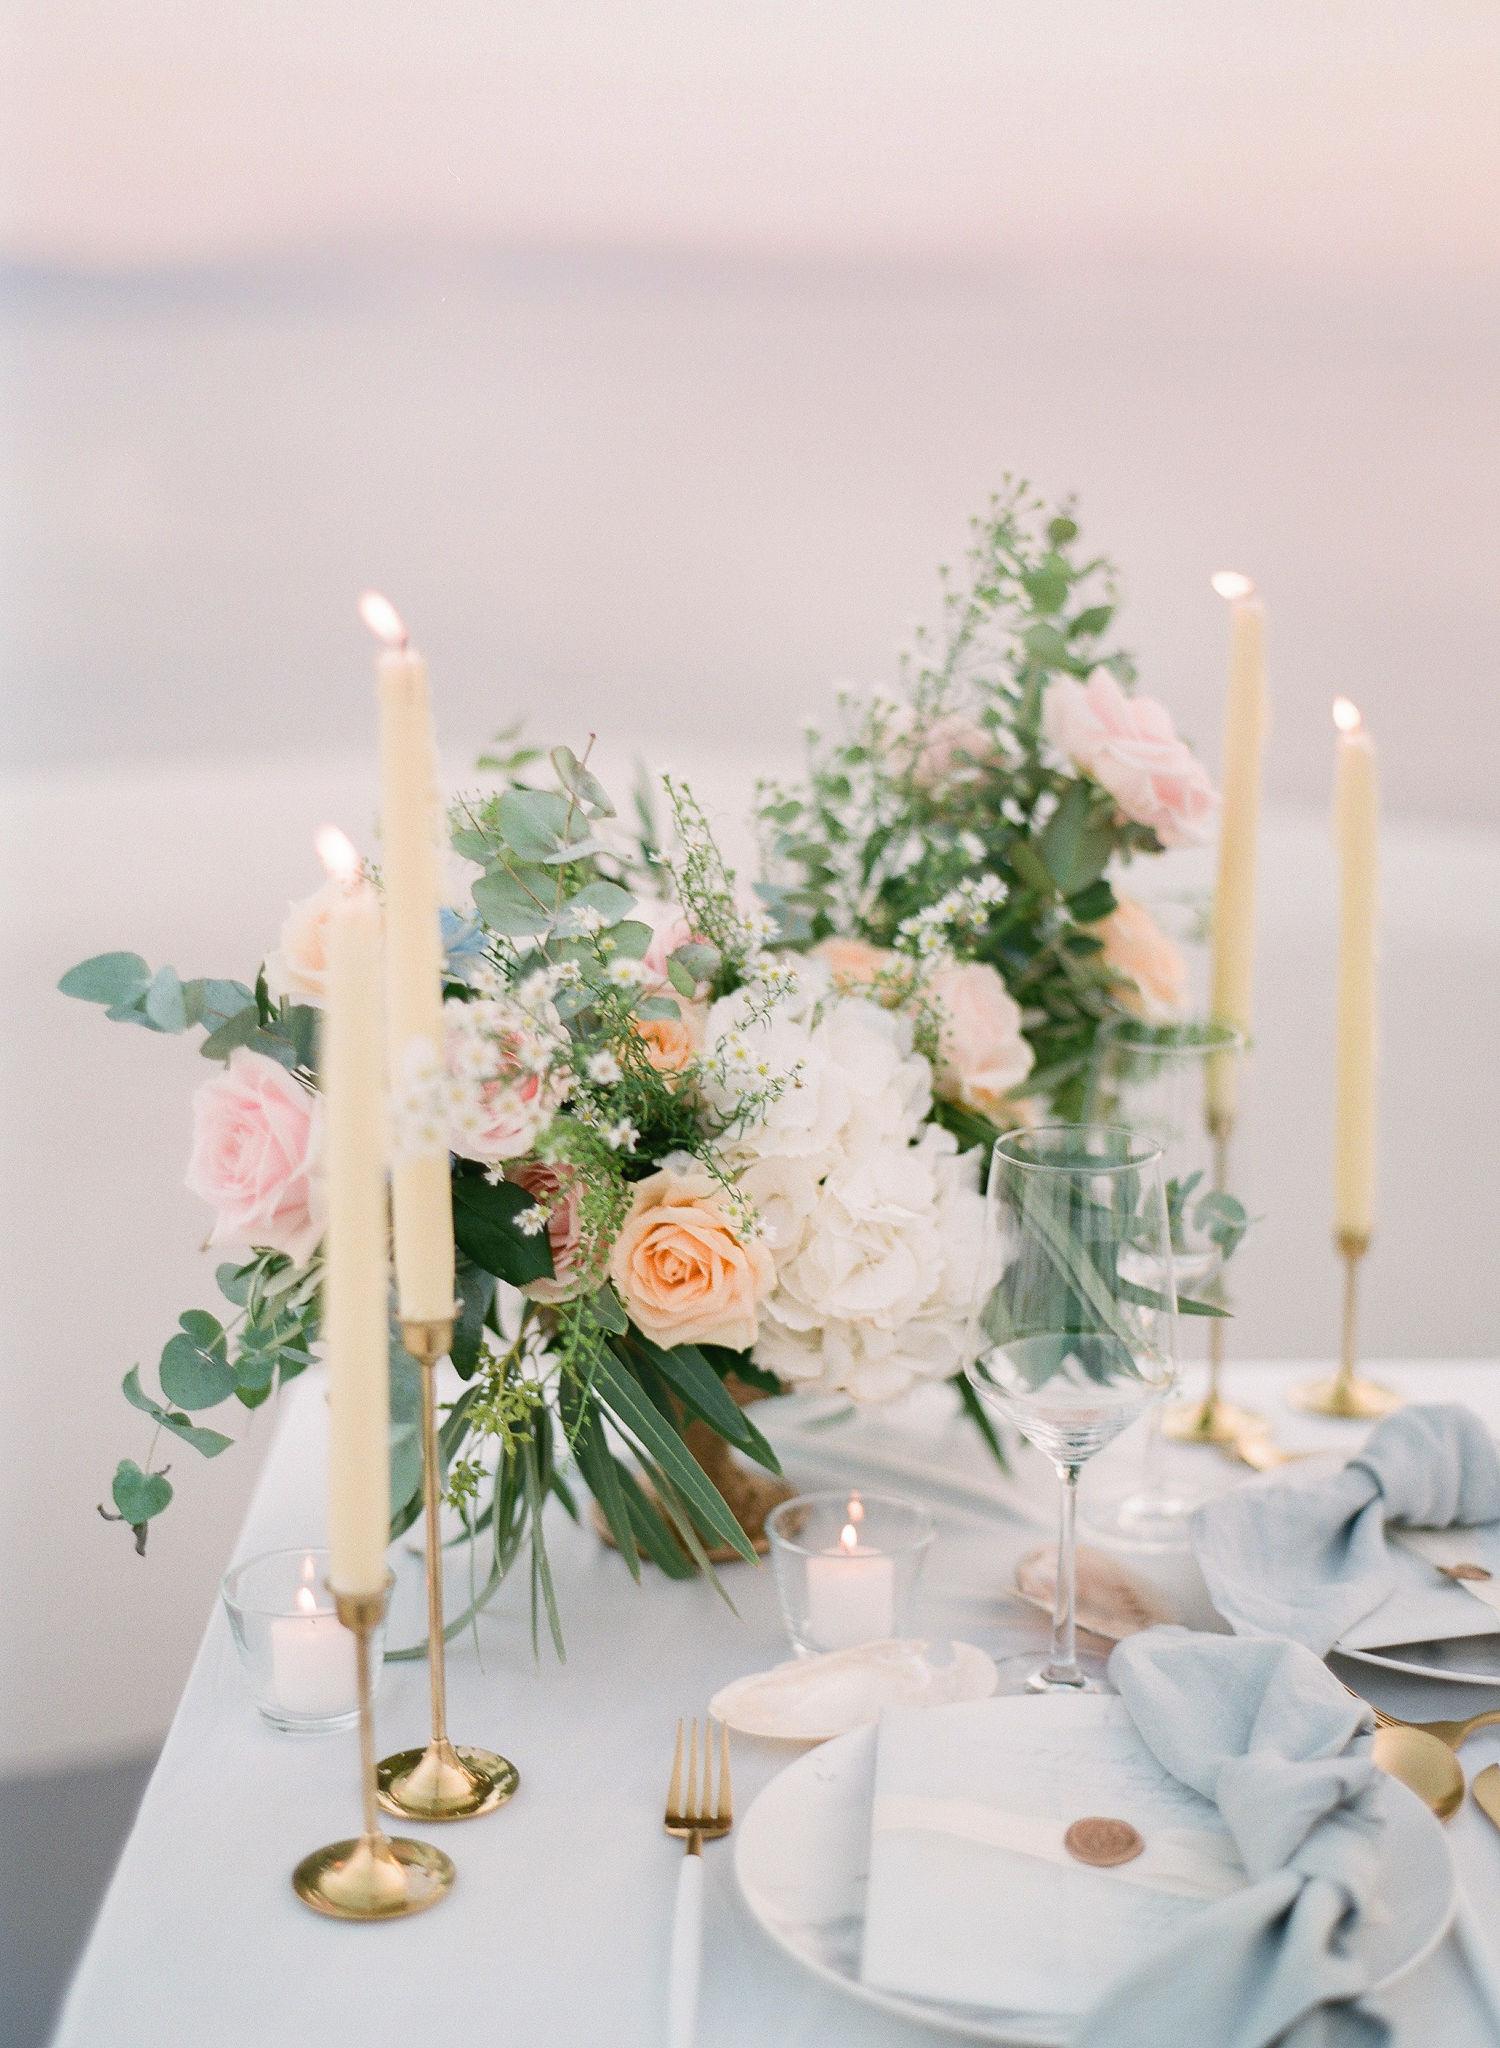 taper candles, seafoam linens, floral arrangement dinner table decor